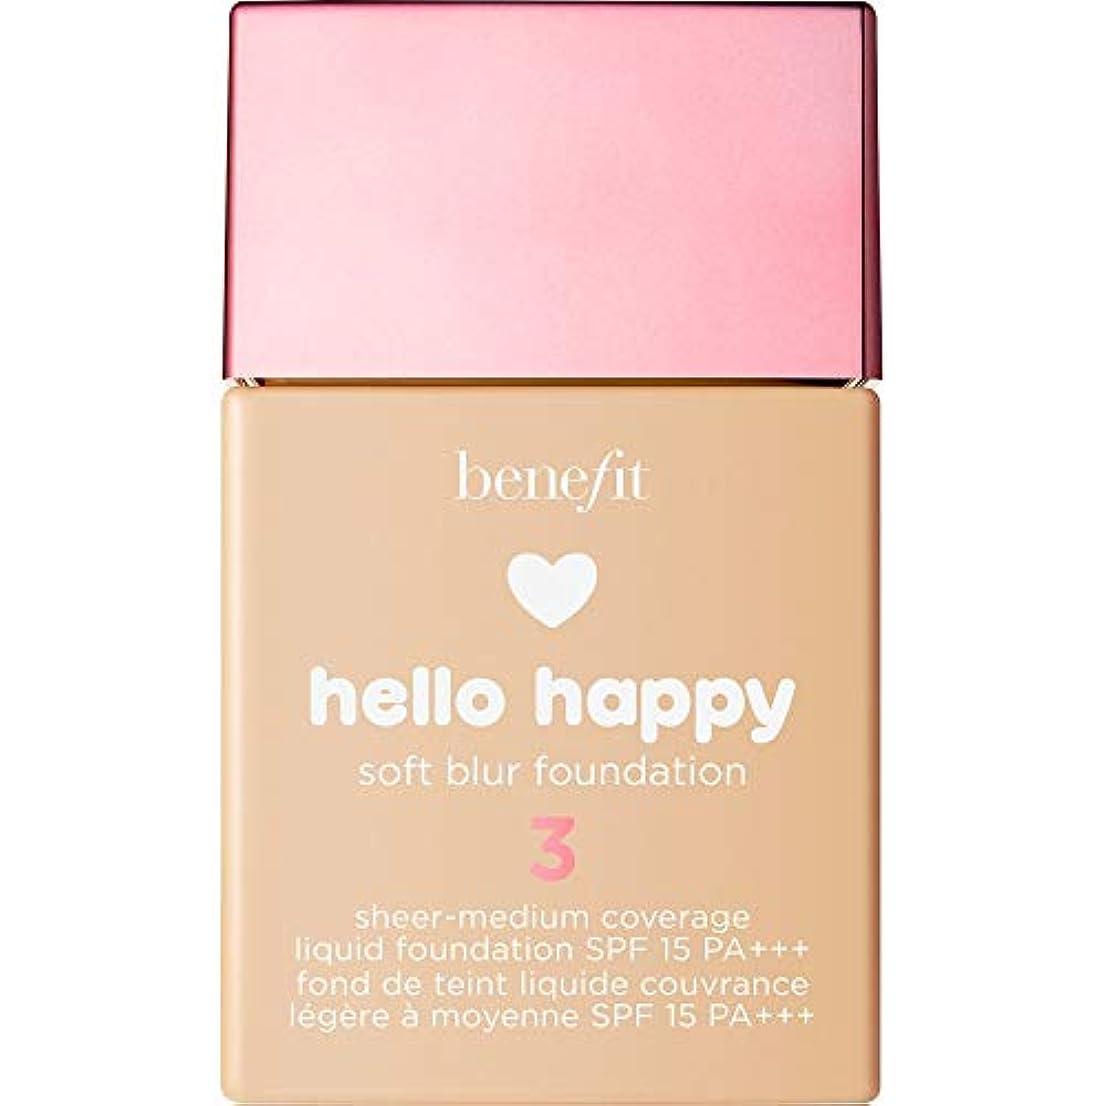 男らしさワイドコミュニティ[Benefit ] 利益こんにちは幸せなソフトブラー基礎Spf15 30ミリリットル3 - ニュートラルライト - Benefit Hello Happy Soft Blur Foundation SPF15 30ml...